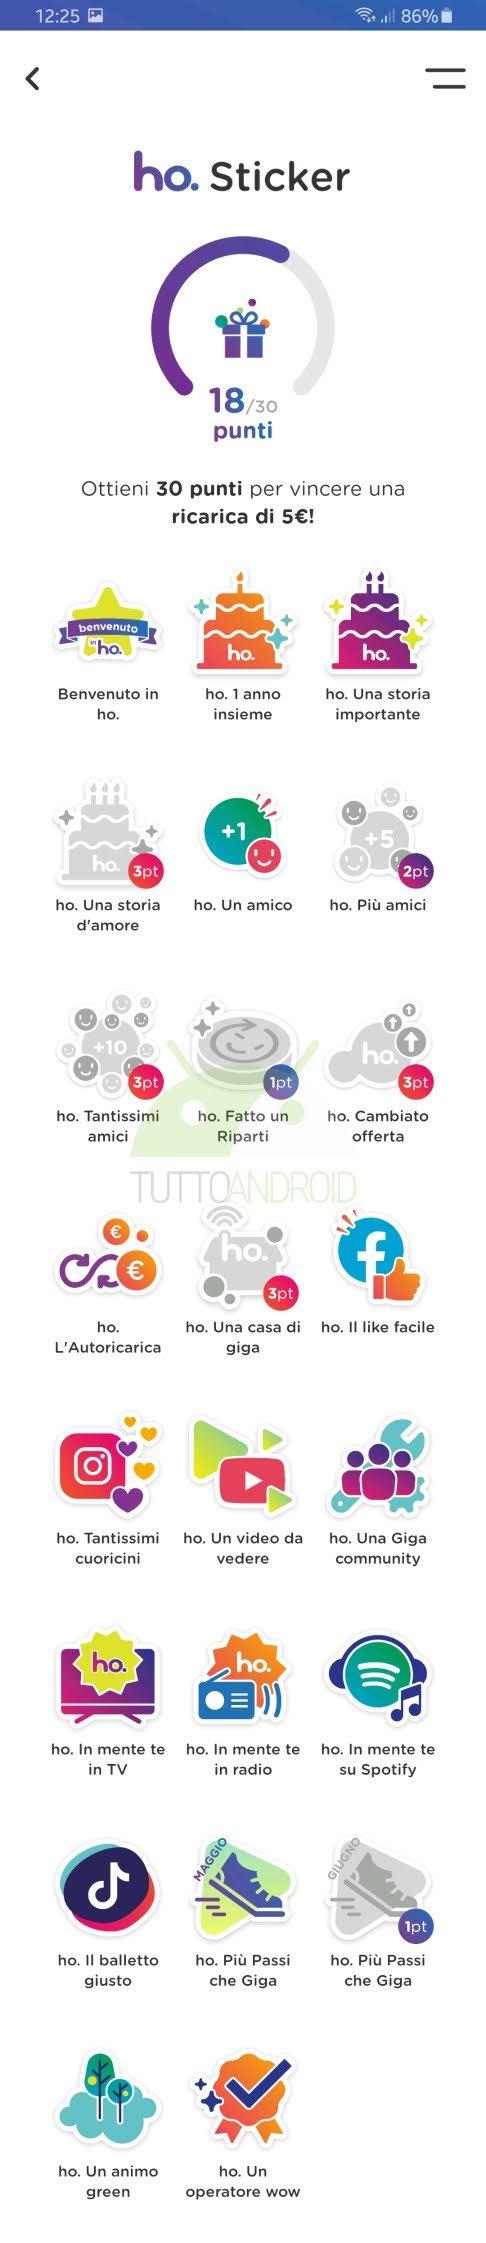 ho. mobile sticker